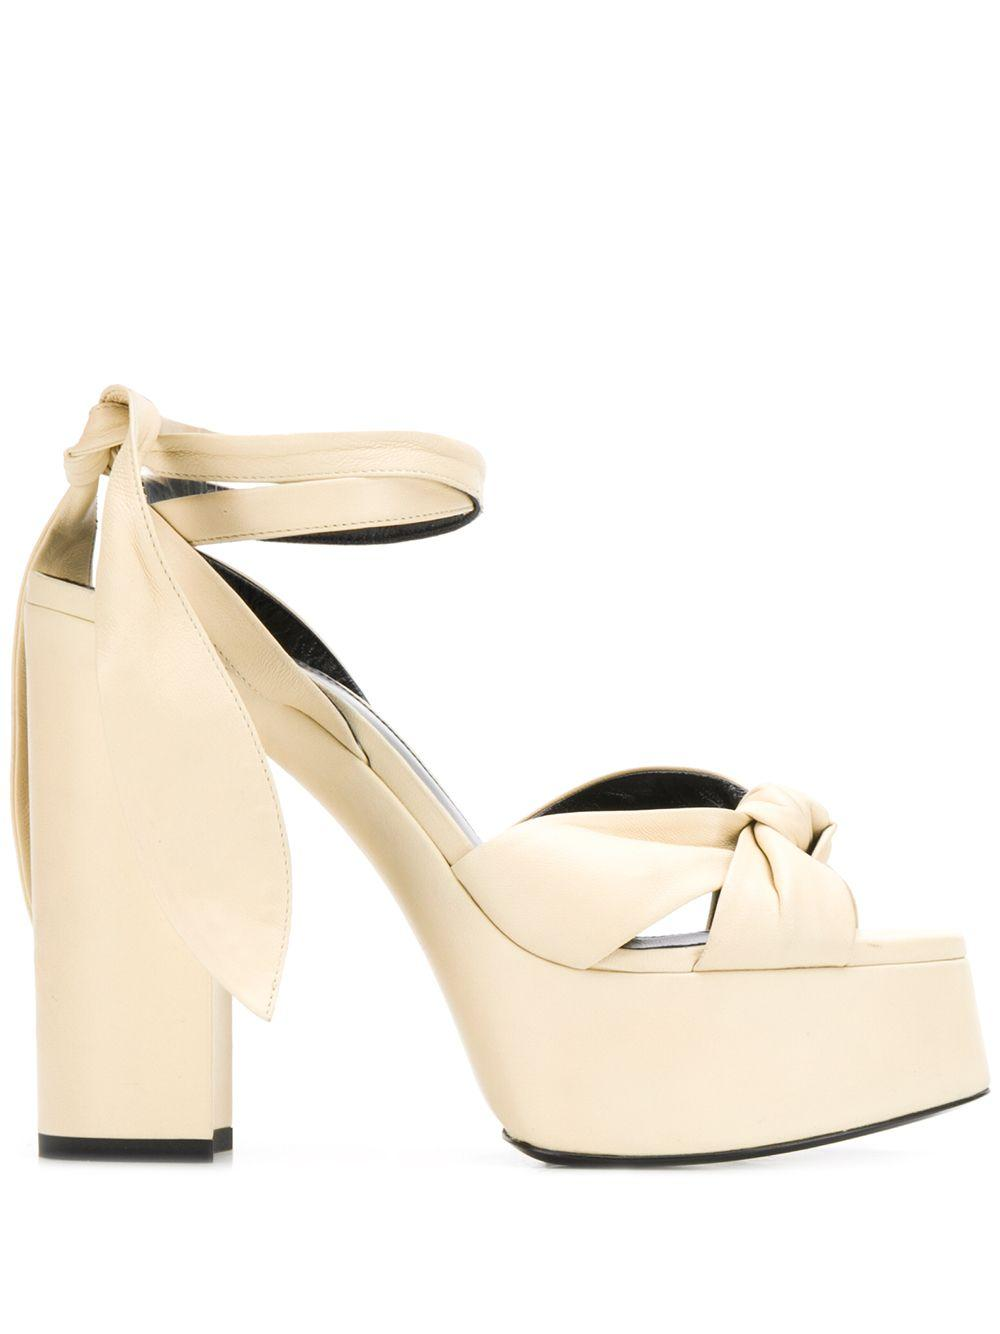 Bianca 85mm Platform Sandal Item # 6067160RR00